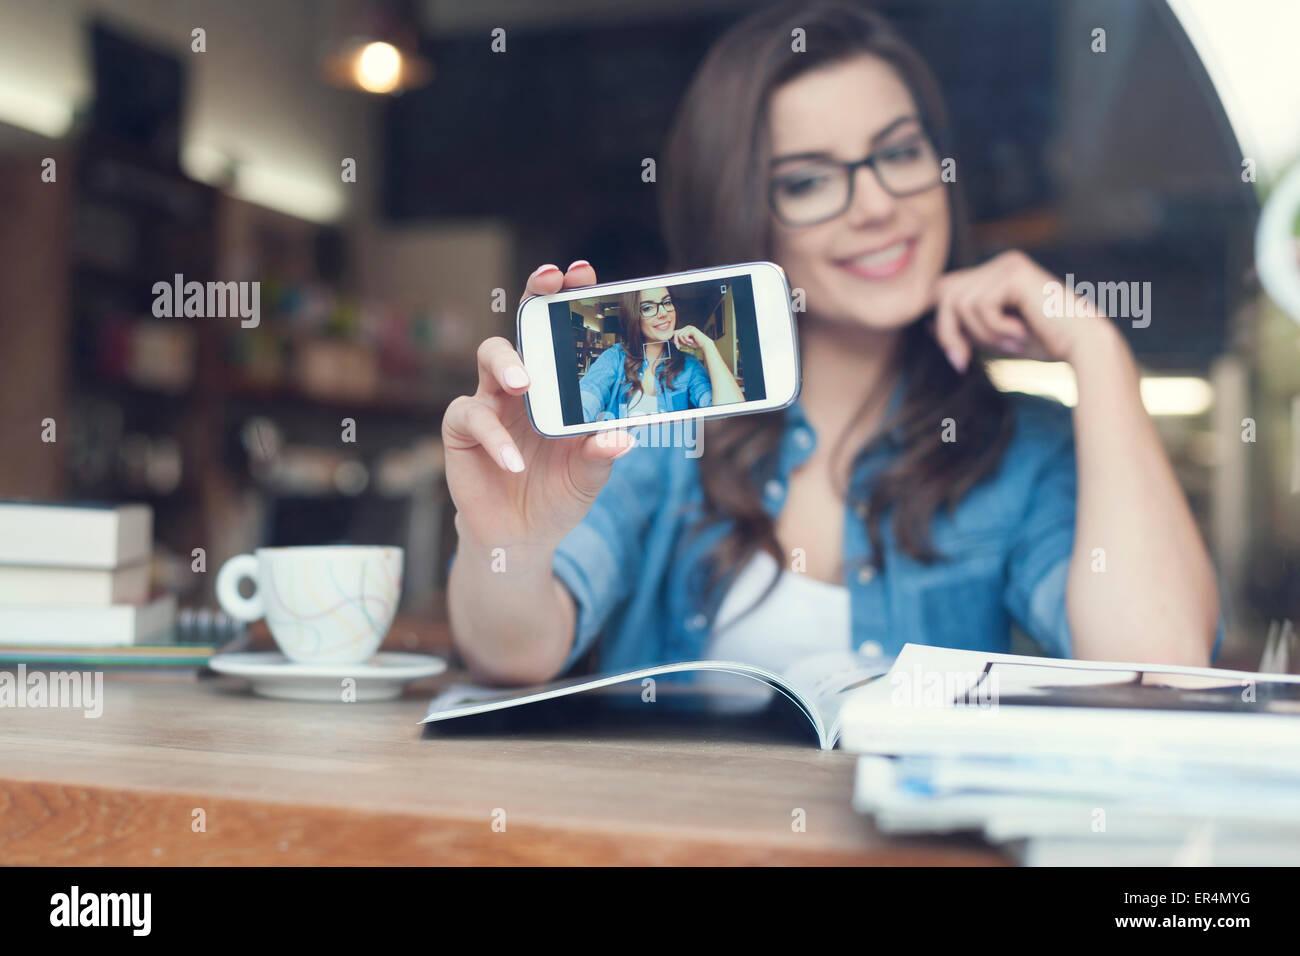 Mujer atractiva teniendo autorretrato por teléfono móvil. Cracovia, Polonia Imagen De Stock